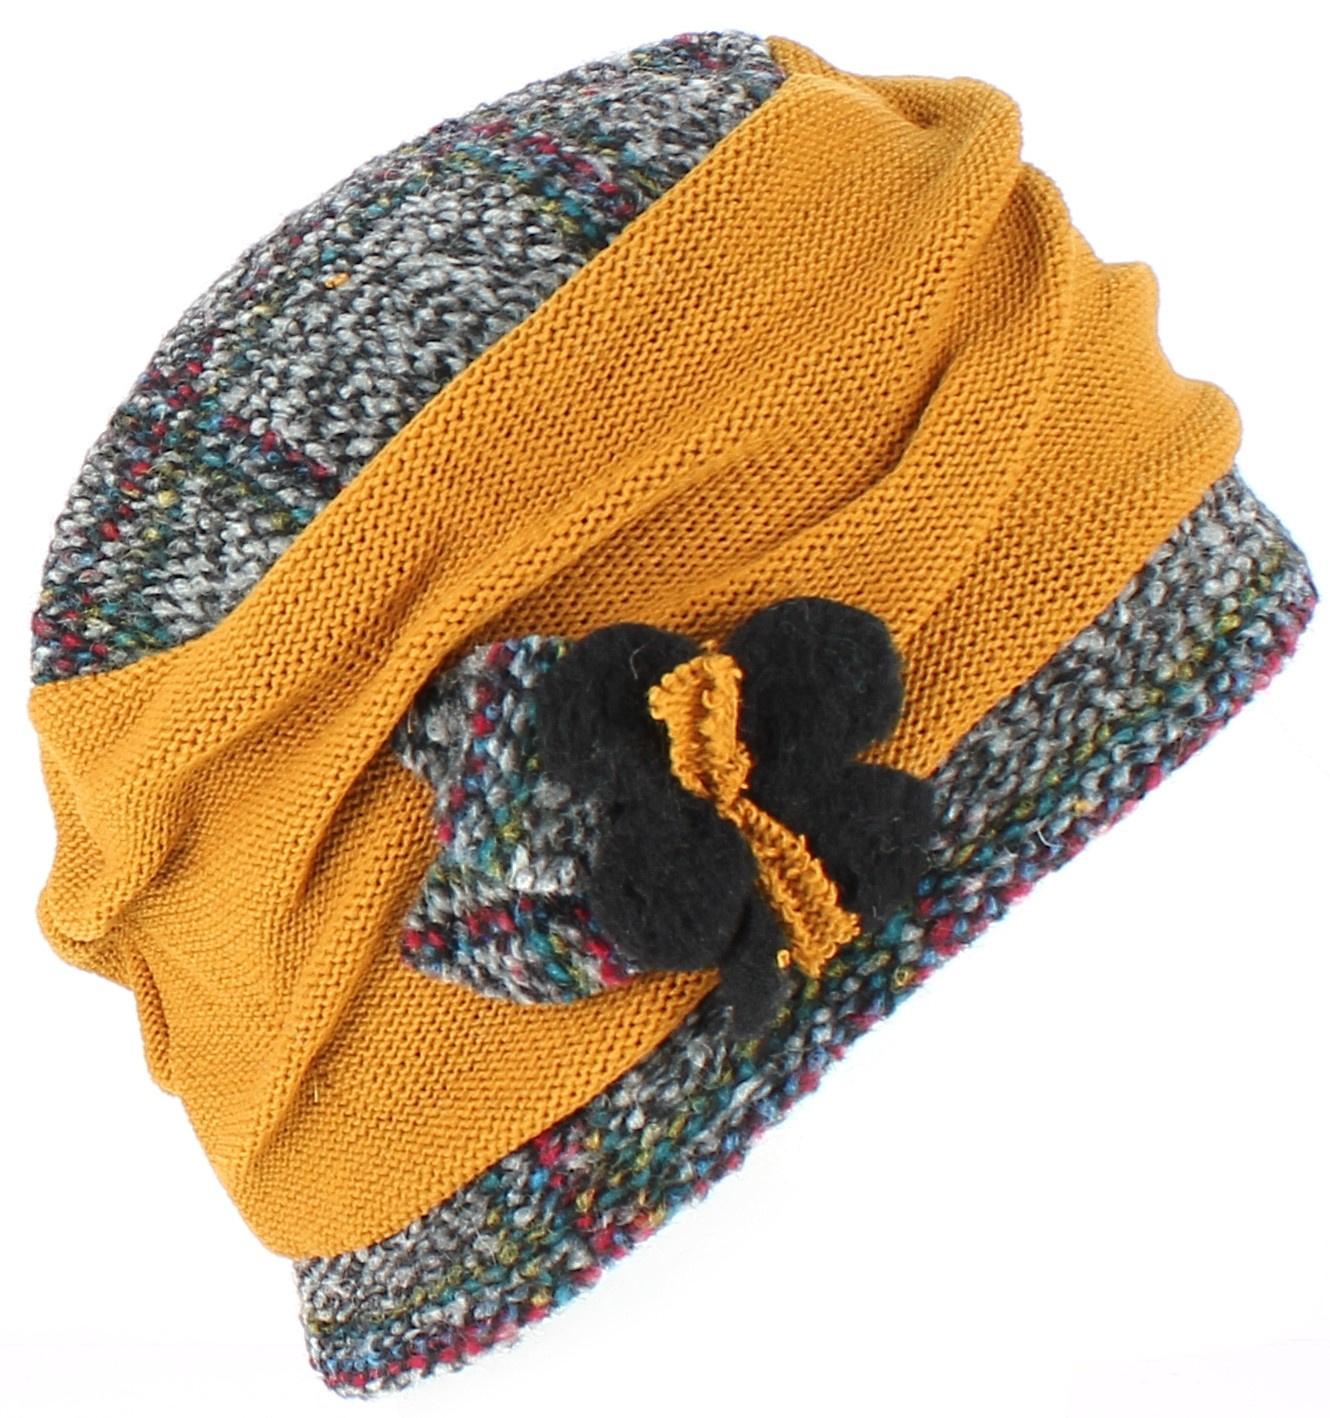 543ccd7487 https://www.chapellerie-traclet.com/fr/bonnet/3202-bonnet-a-pompon ...